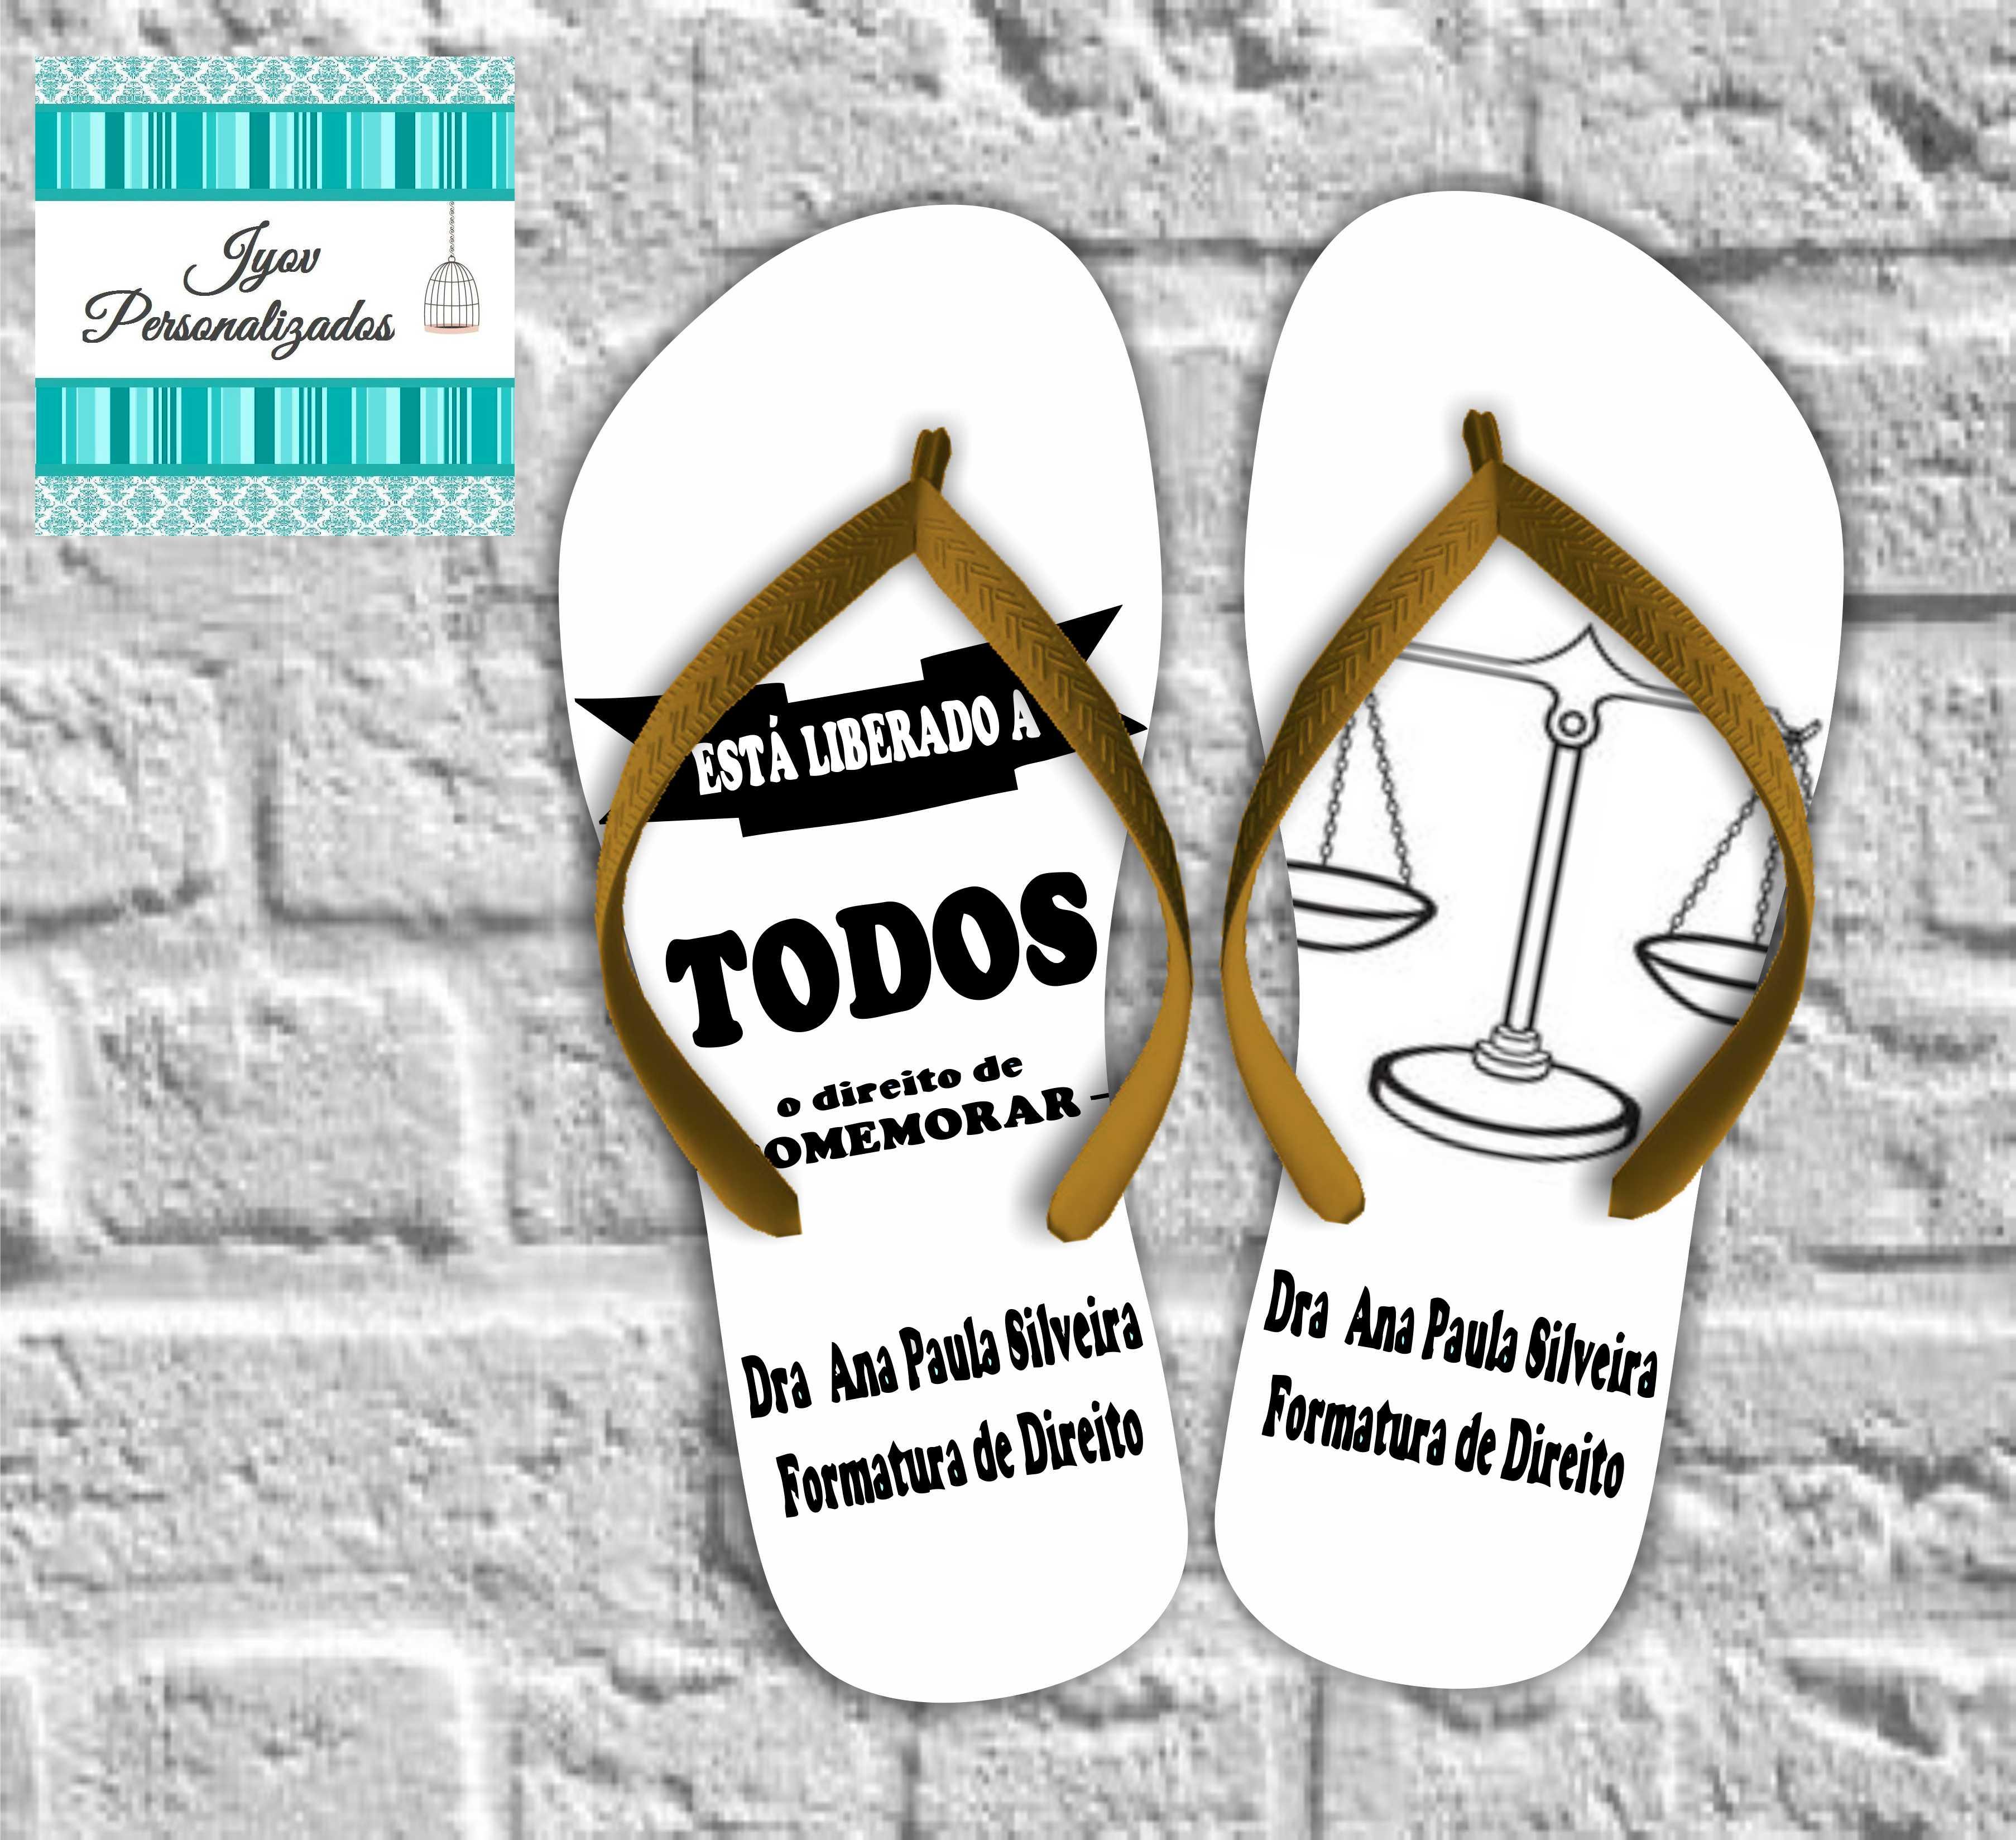 Sandálias Formatura Direito